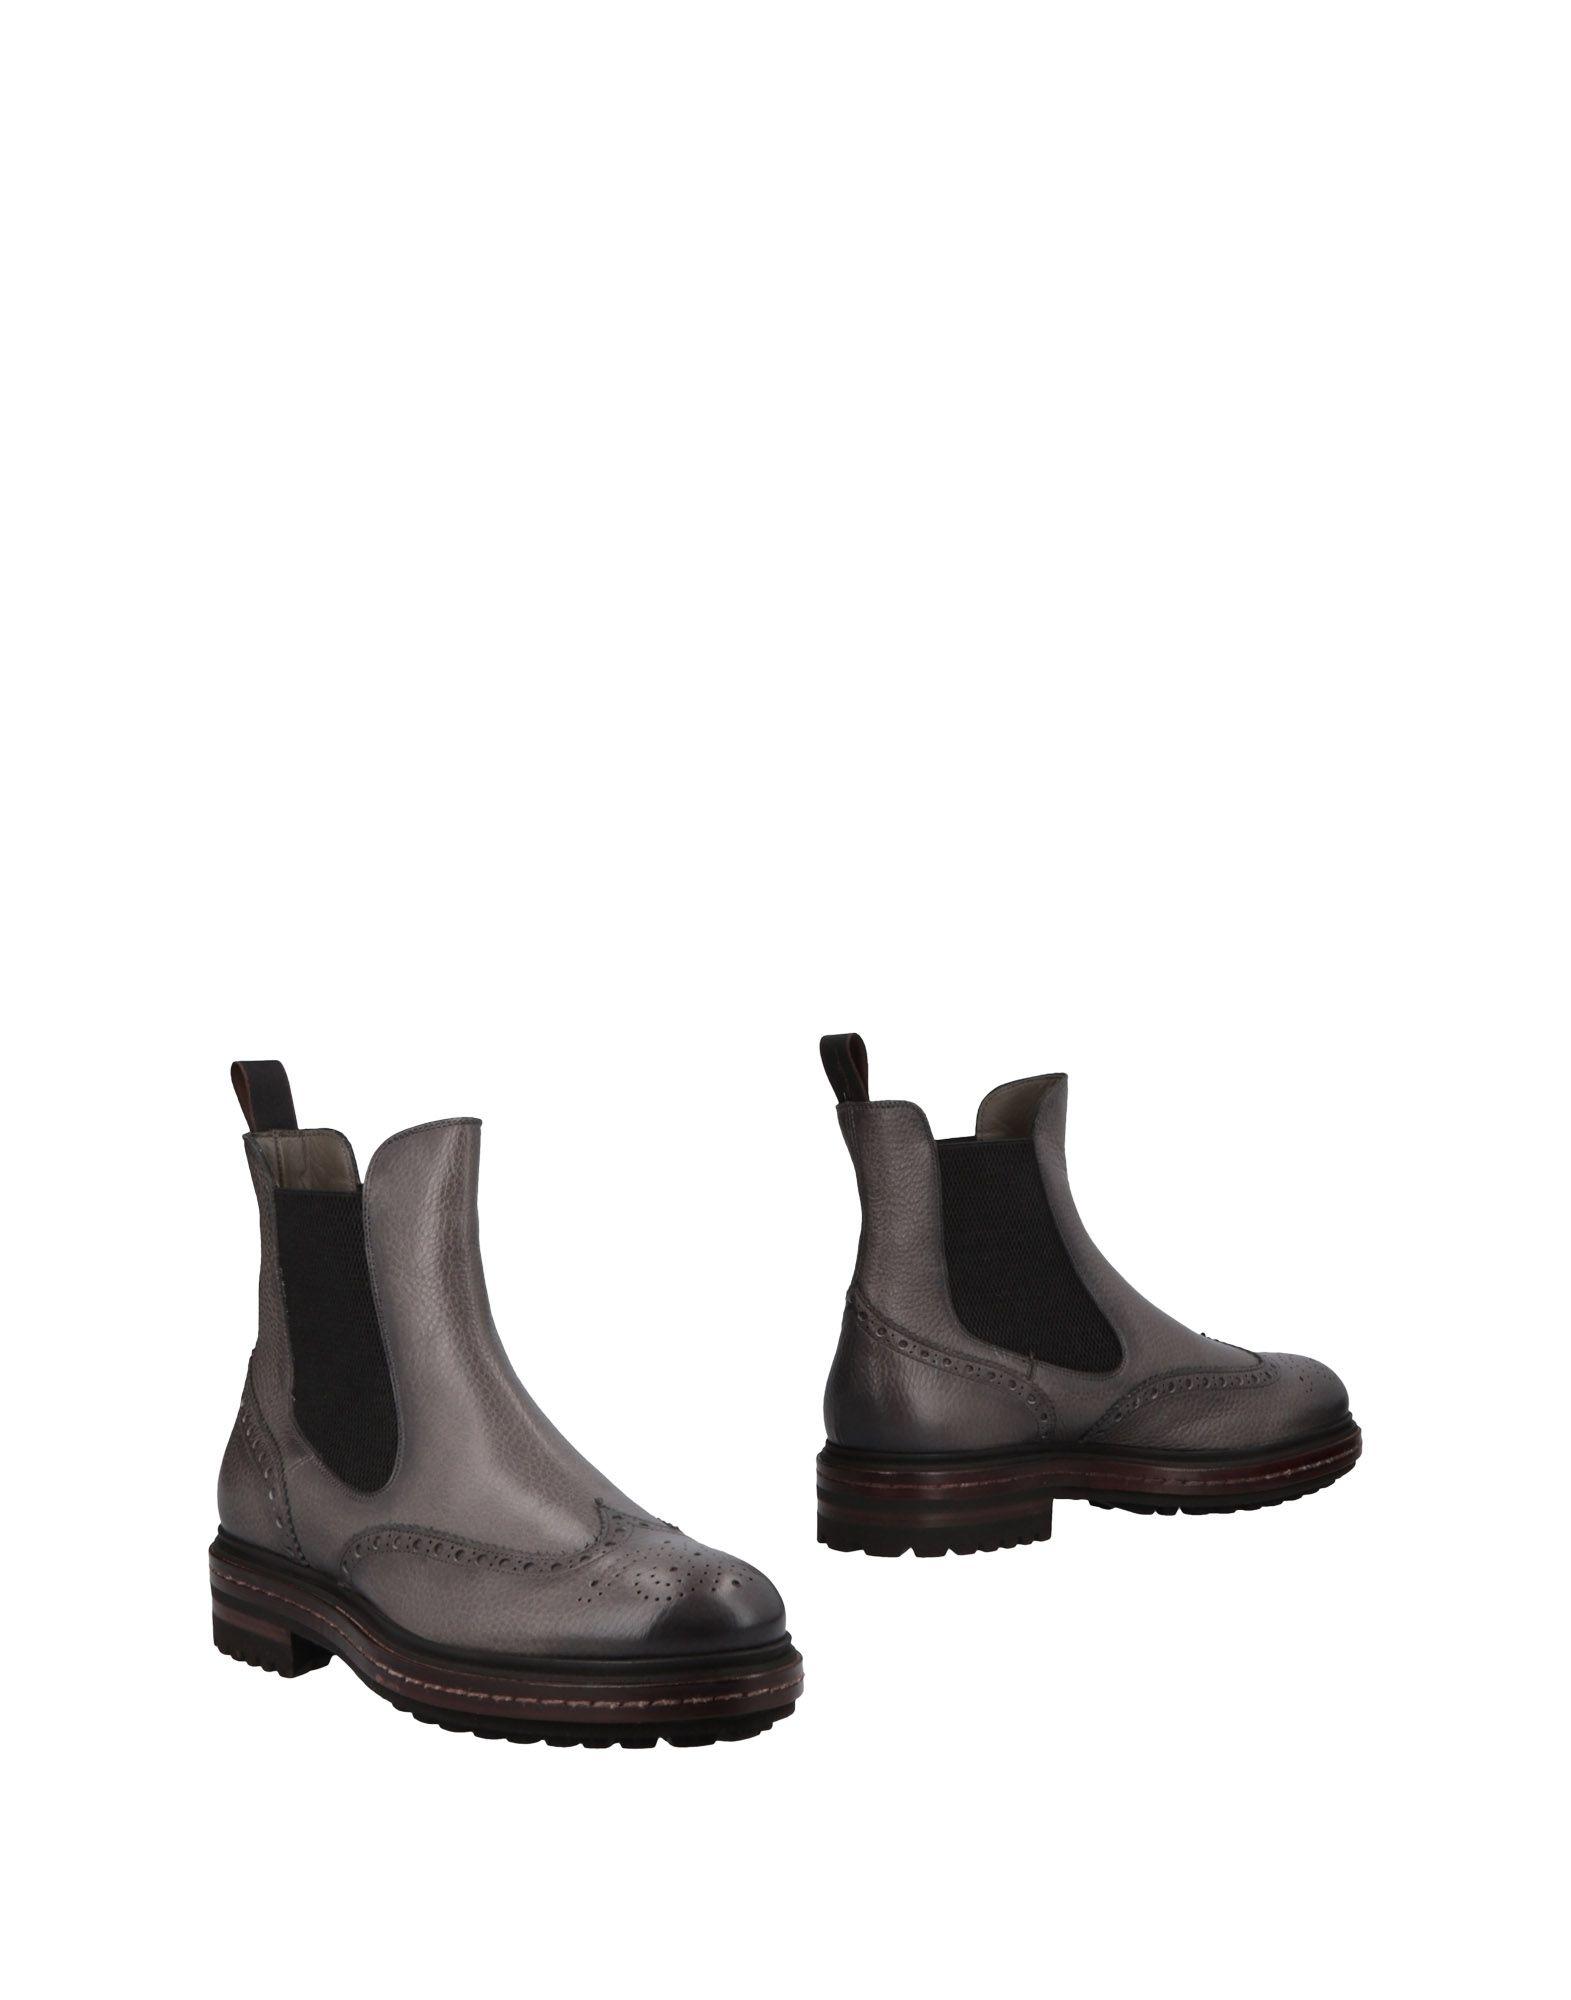 Santoni Stiefelette Herren  11479489AX Gute Qualität beliebte Schuhe